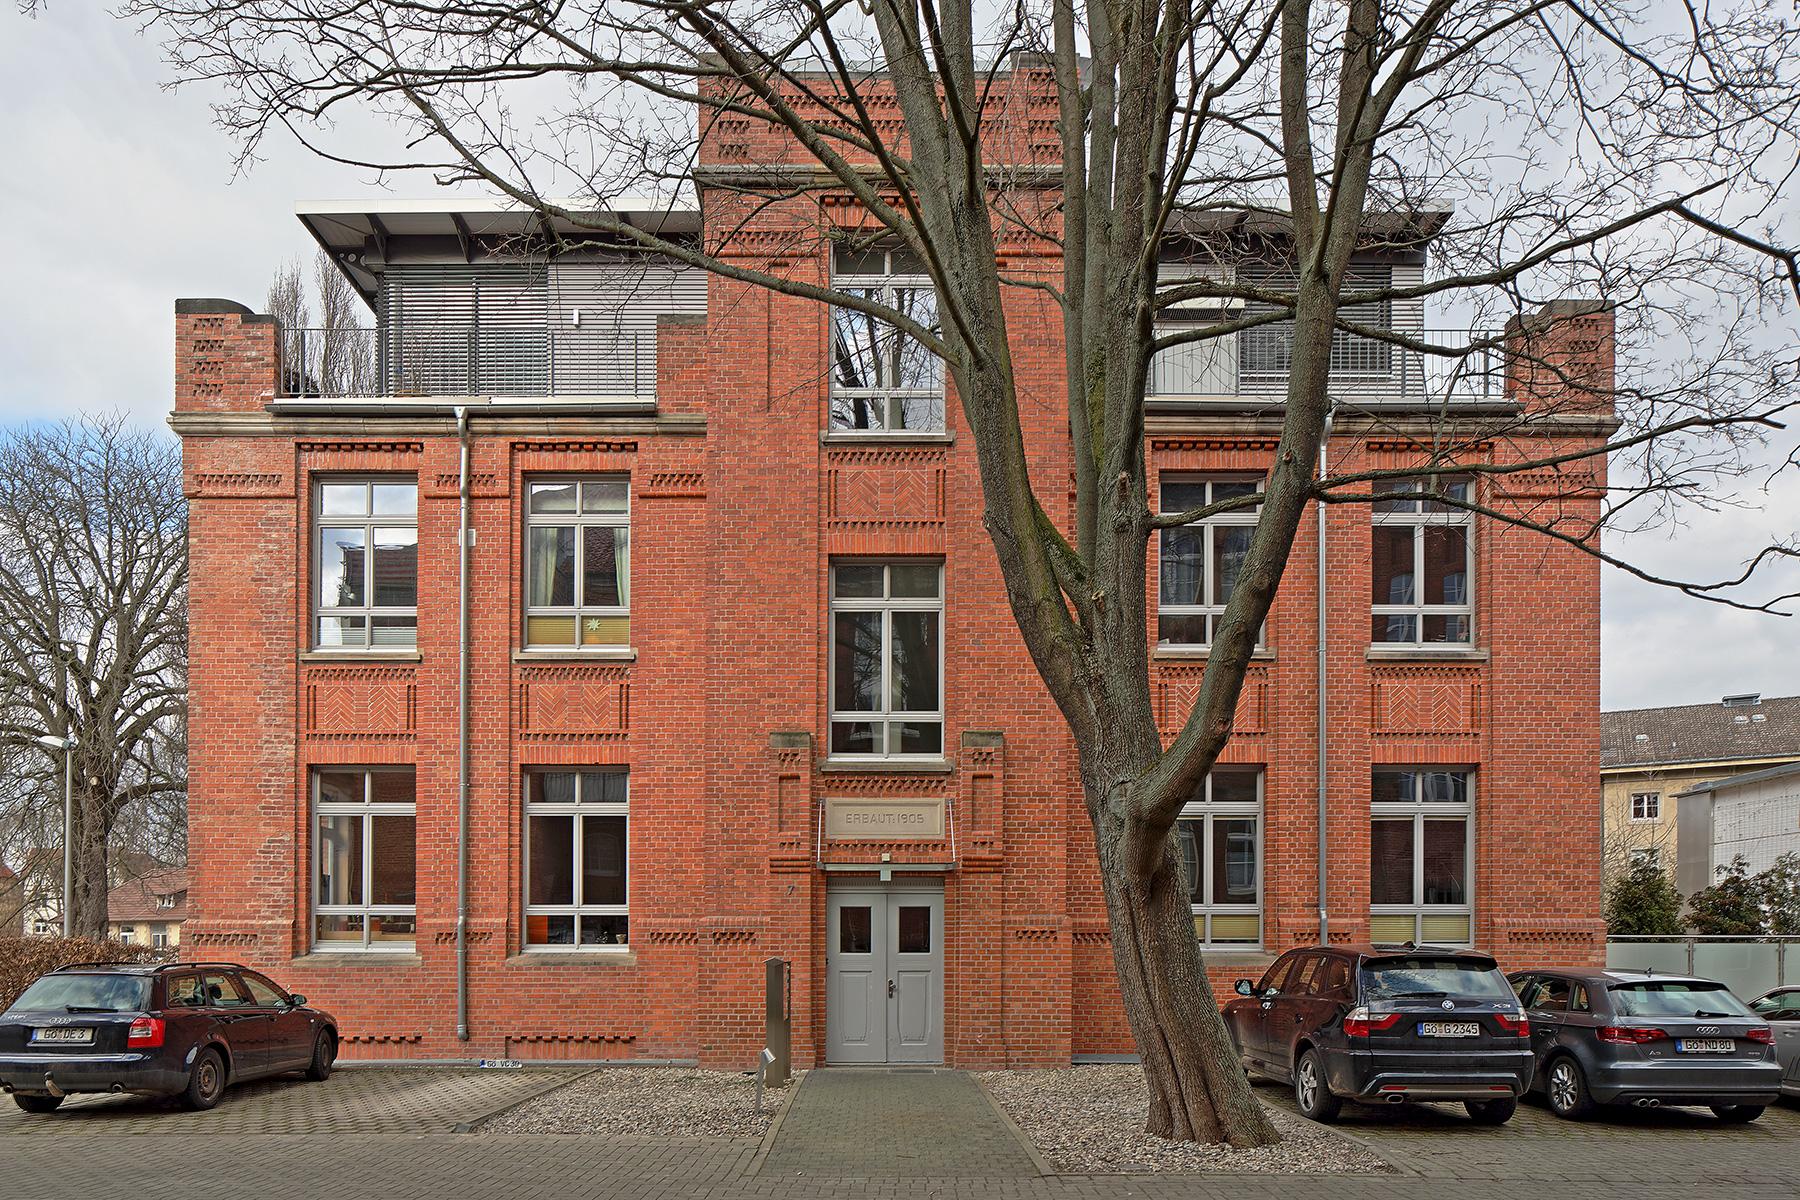 Bunsenstrasse-7-Front-Querformat